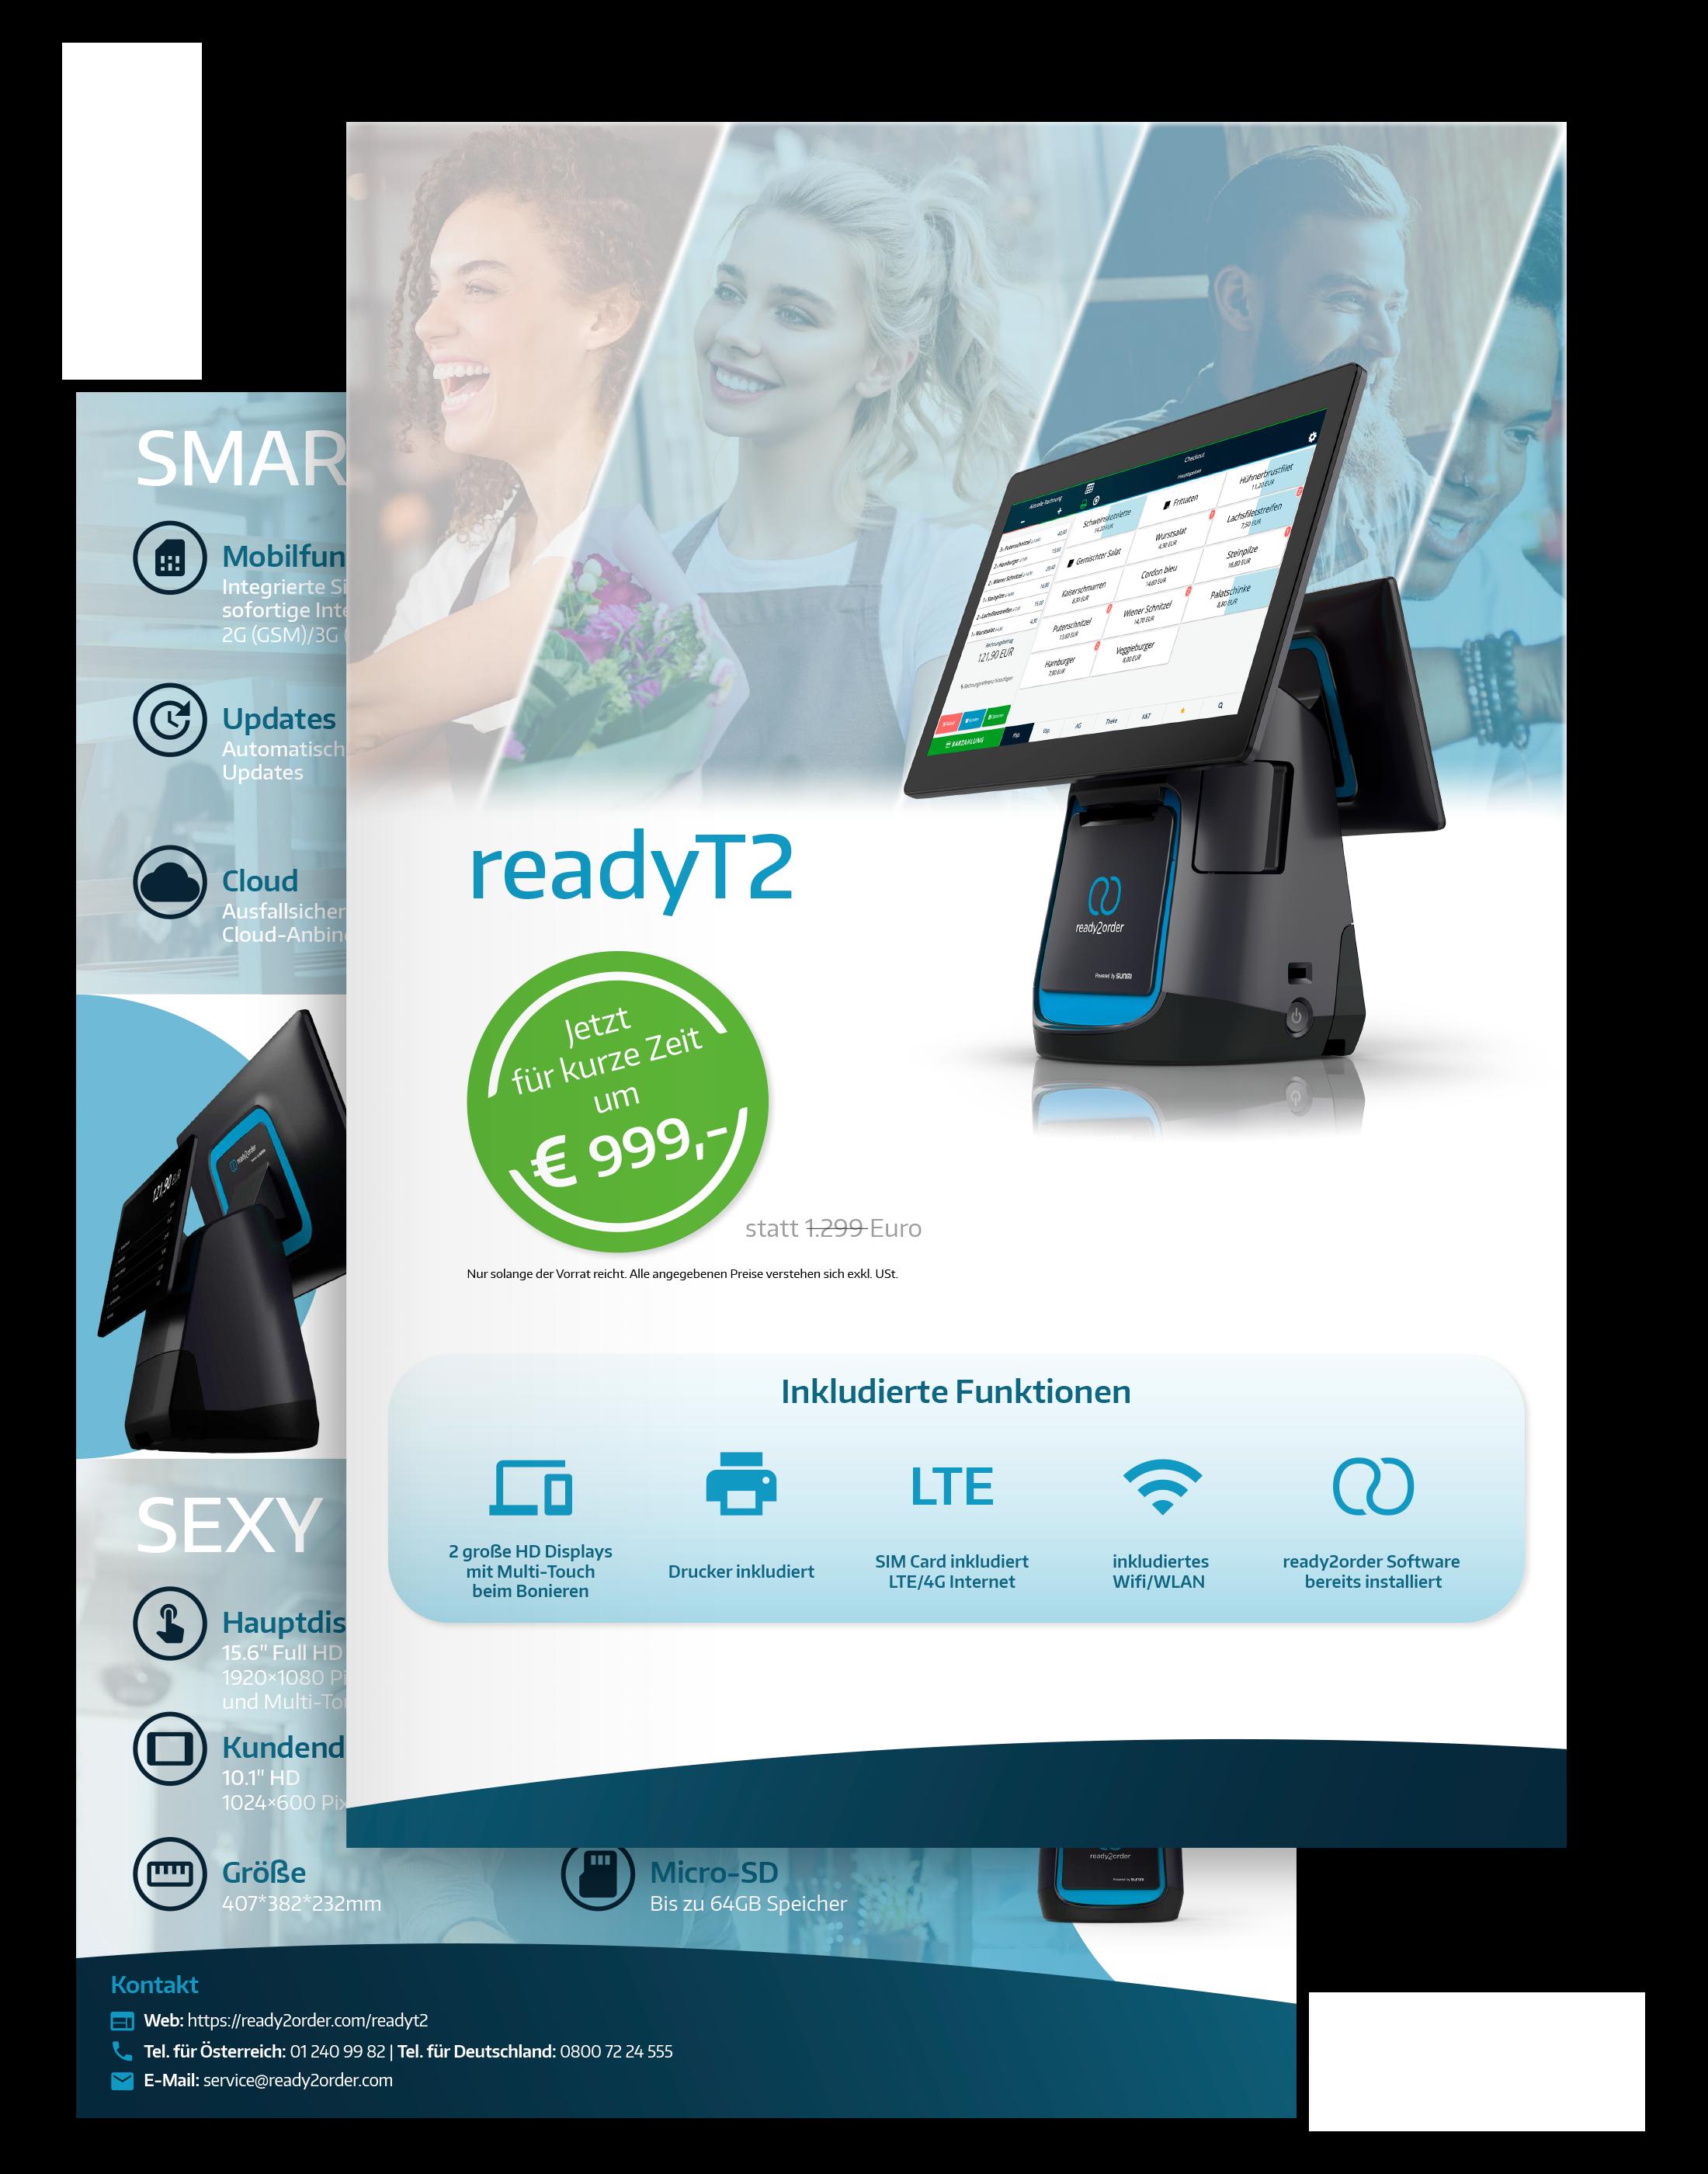 readyT2 Technische Spezifikationen Vorschau